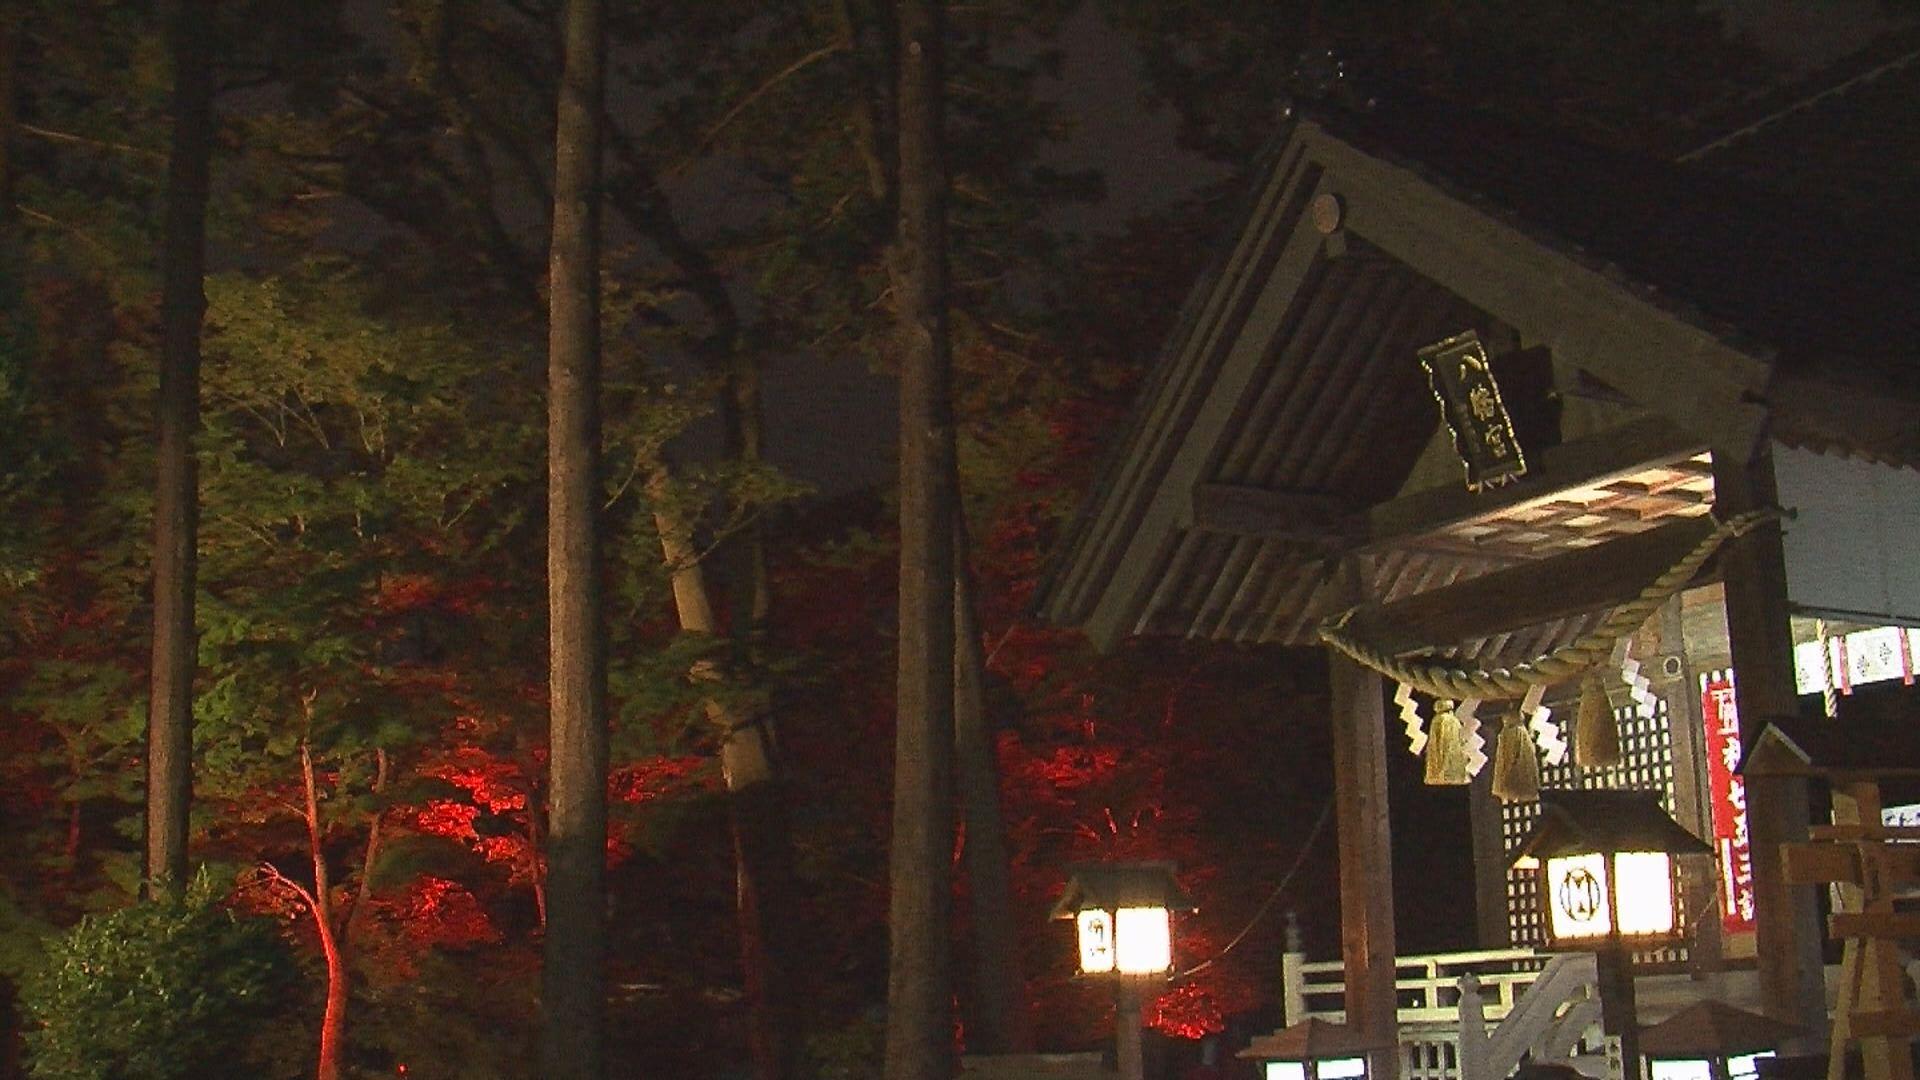 181107_陀羅尼八幡神社モミジのライトアップ2